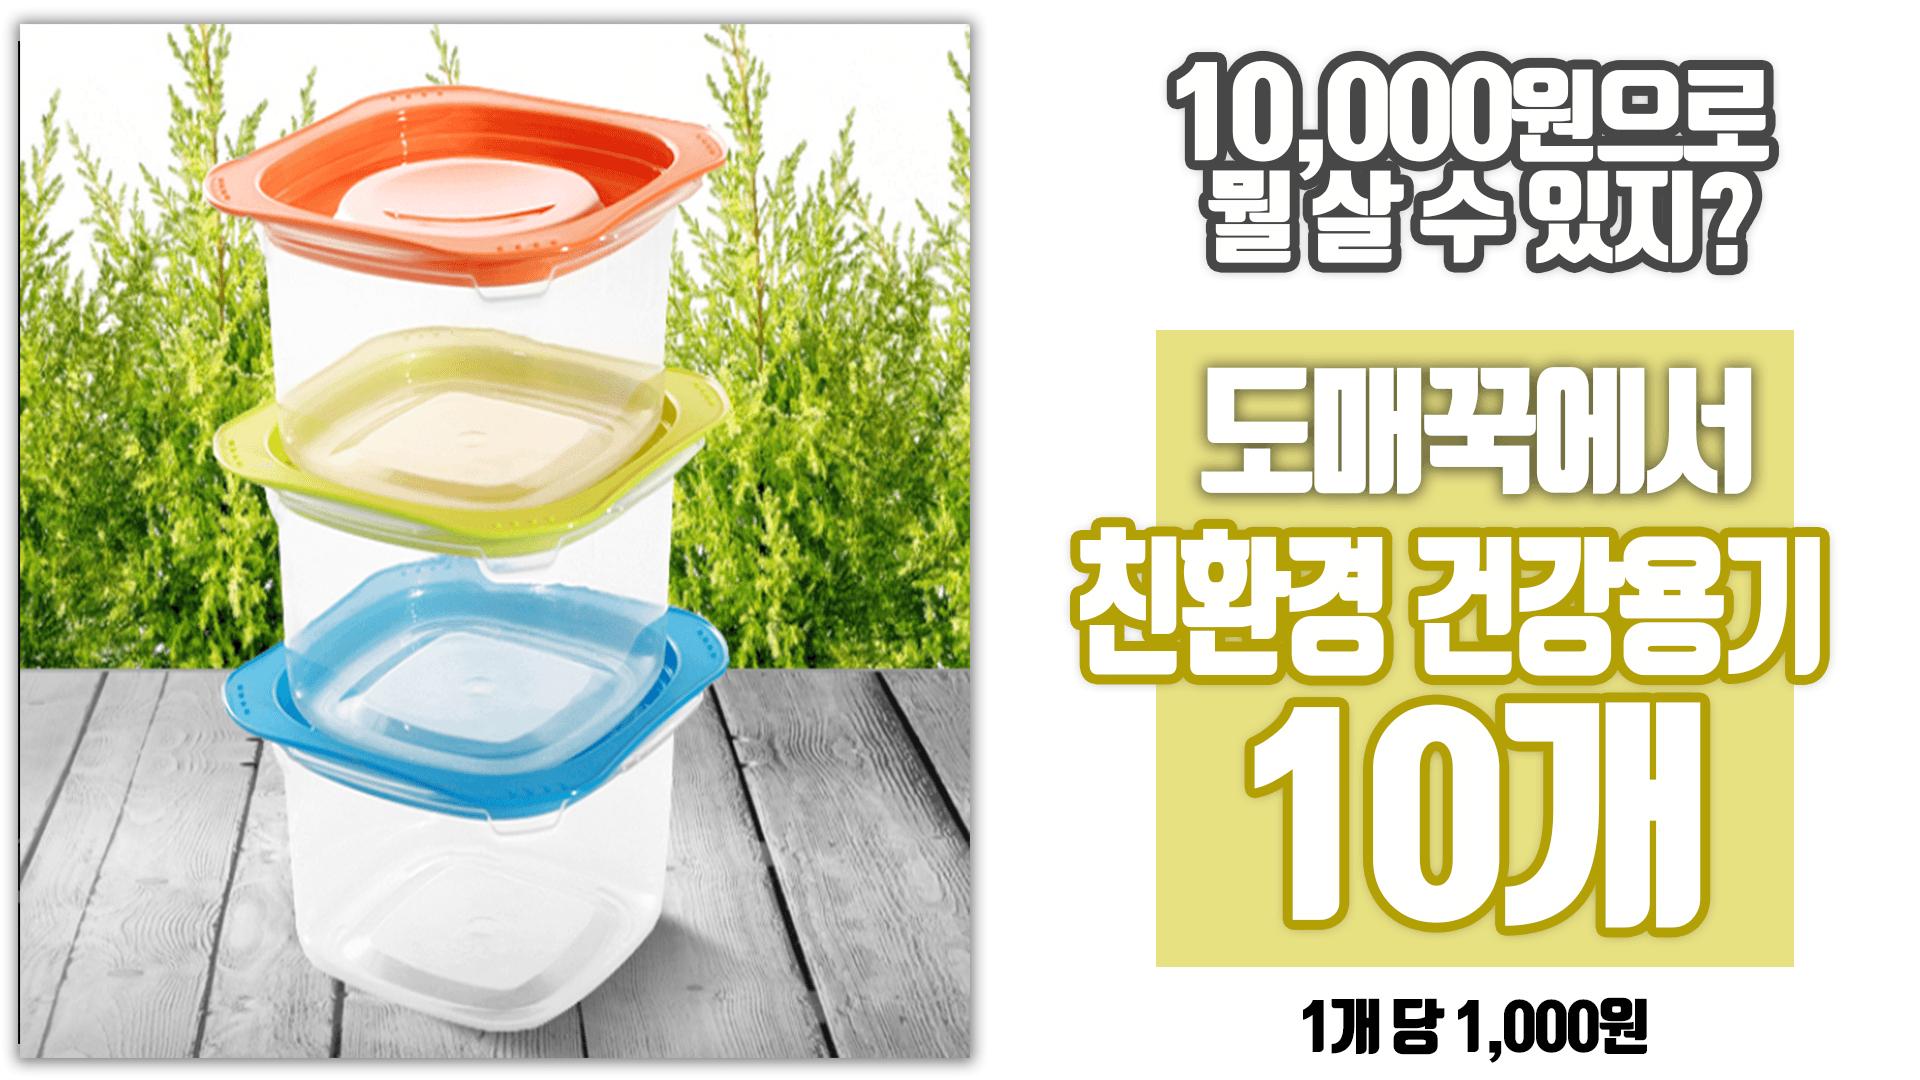 정품 집밥2호/국산친환경/전자렌지 밀폐용기/통큰혜택